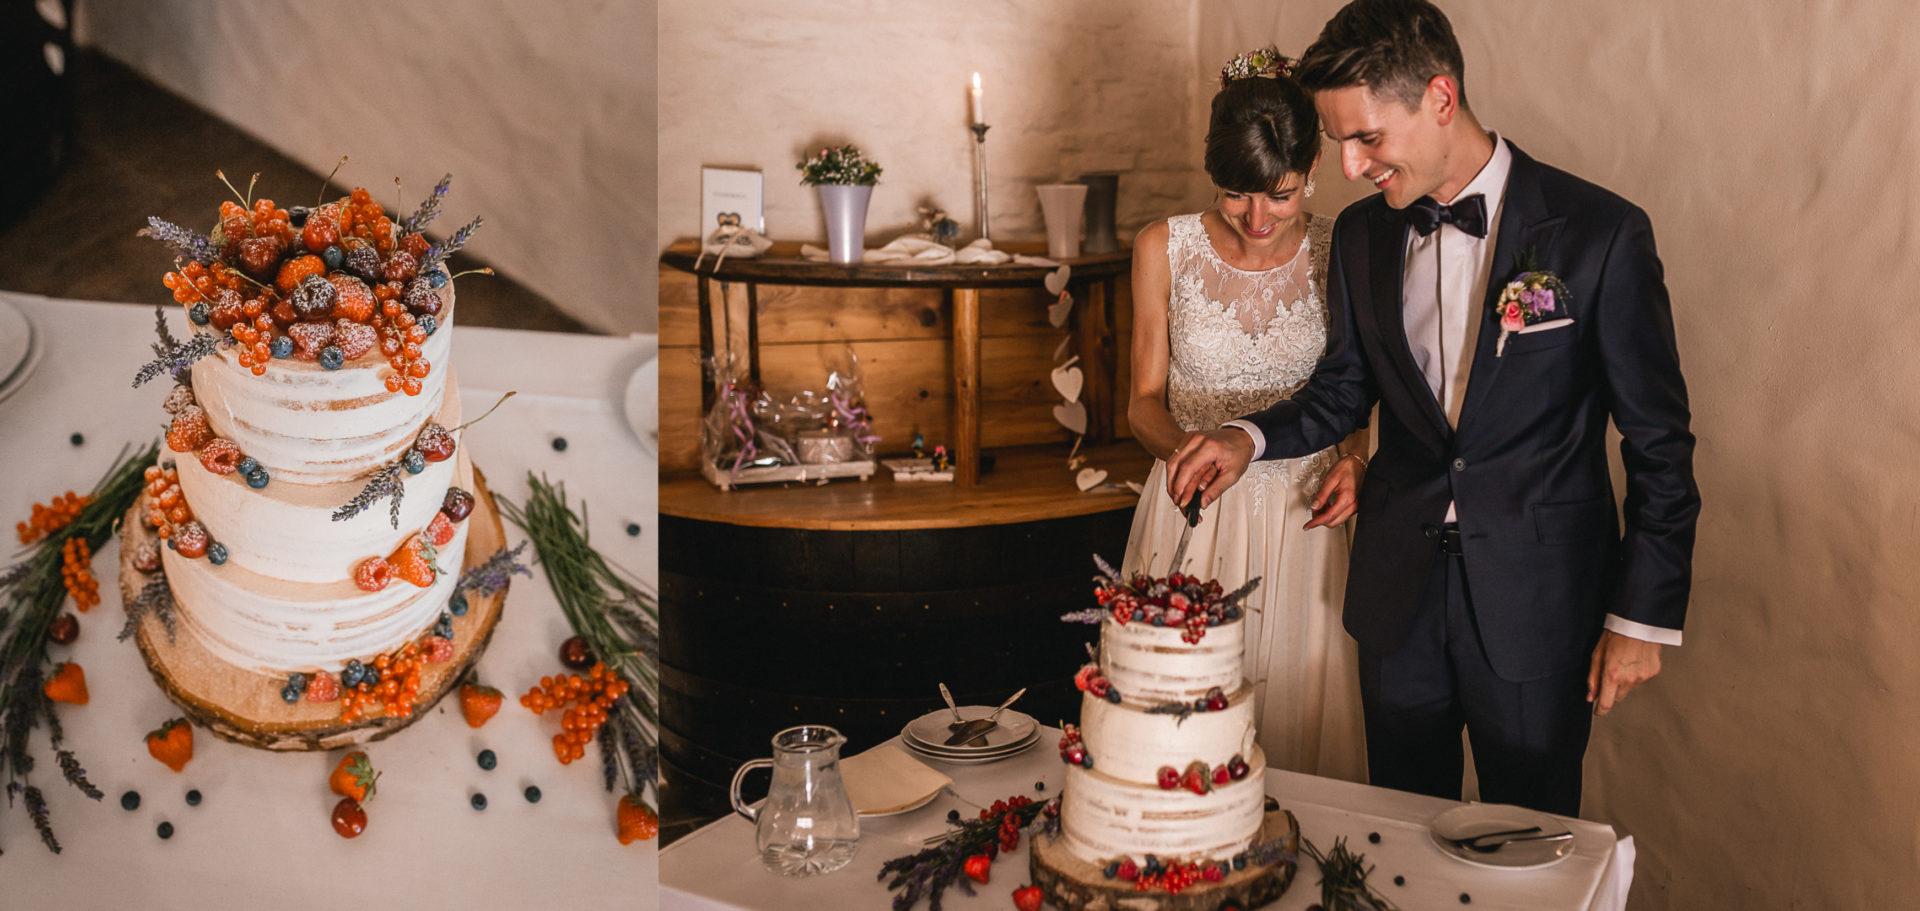 Hochzeitsreportage, Portfolio | Hochzeit auf dem Rittergut Positz | 33